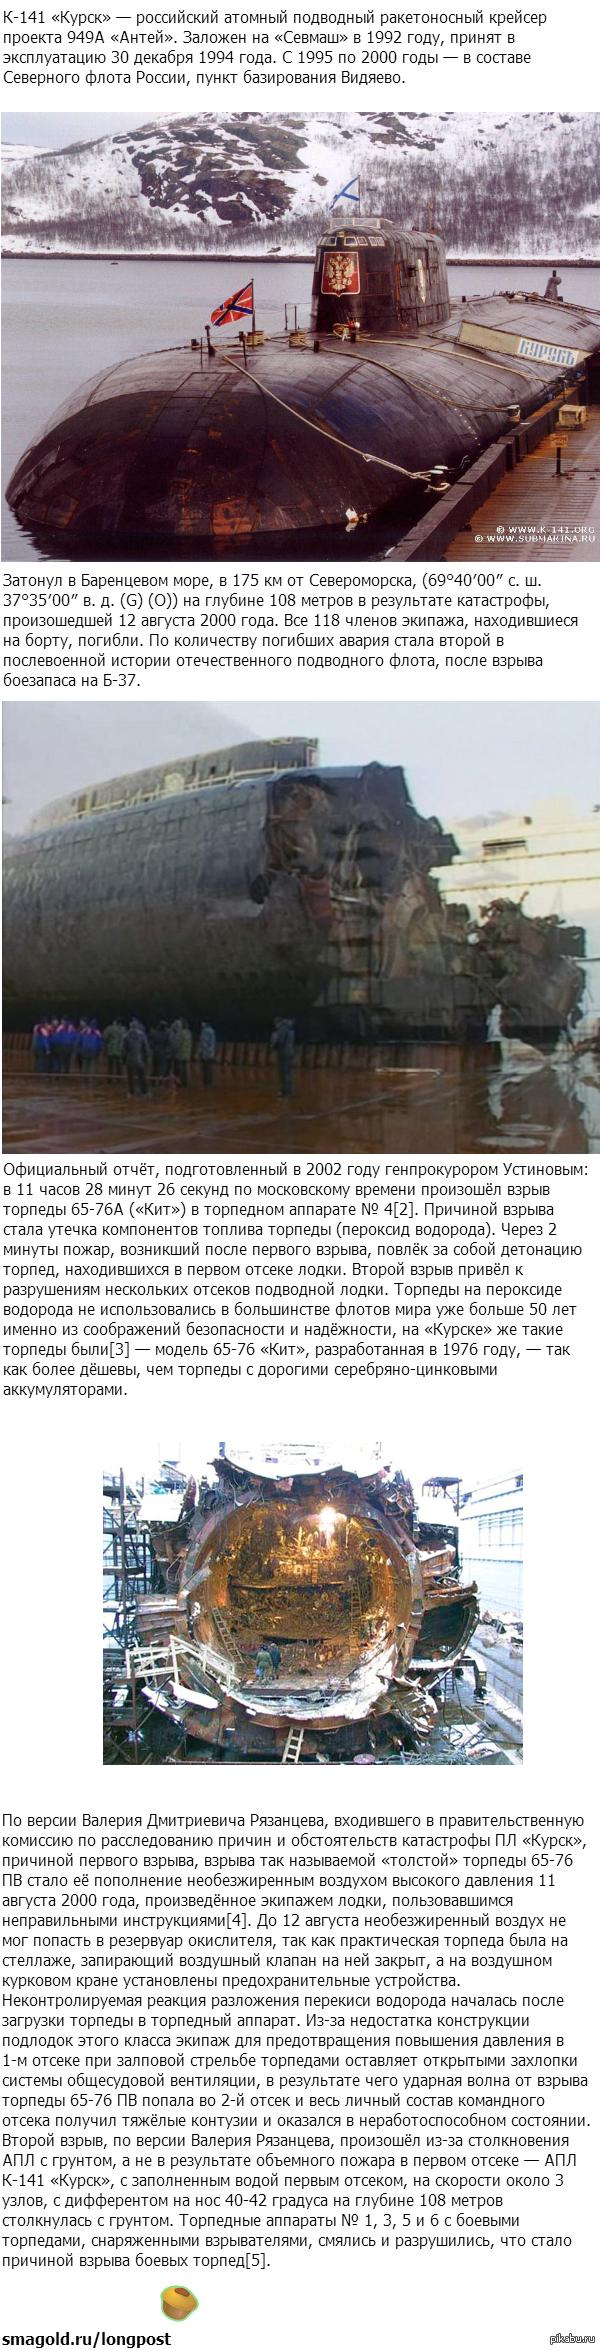 как попасть в вмф на подводную лодку